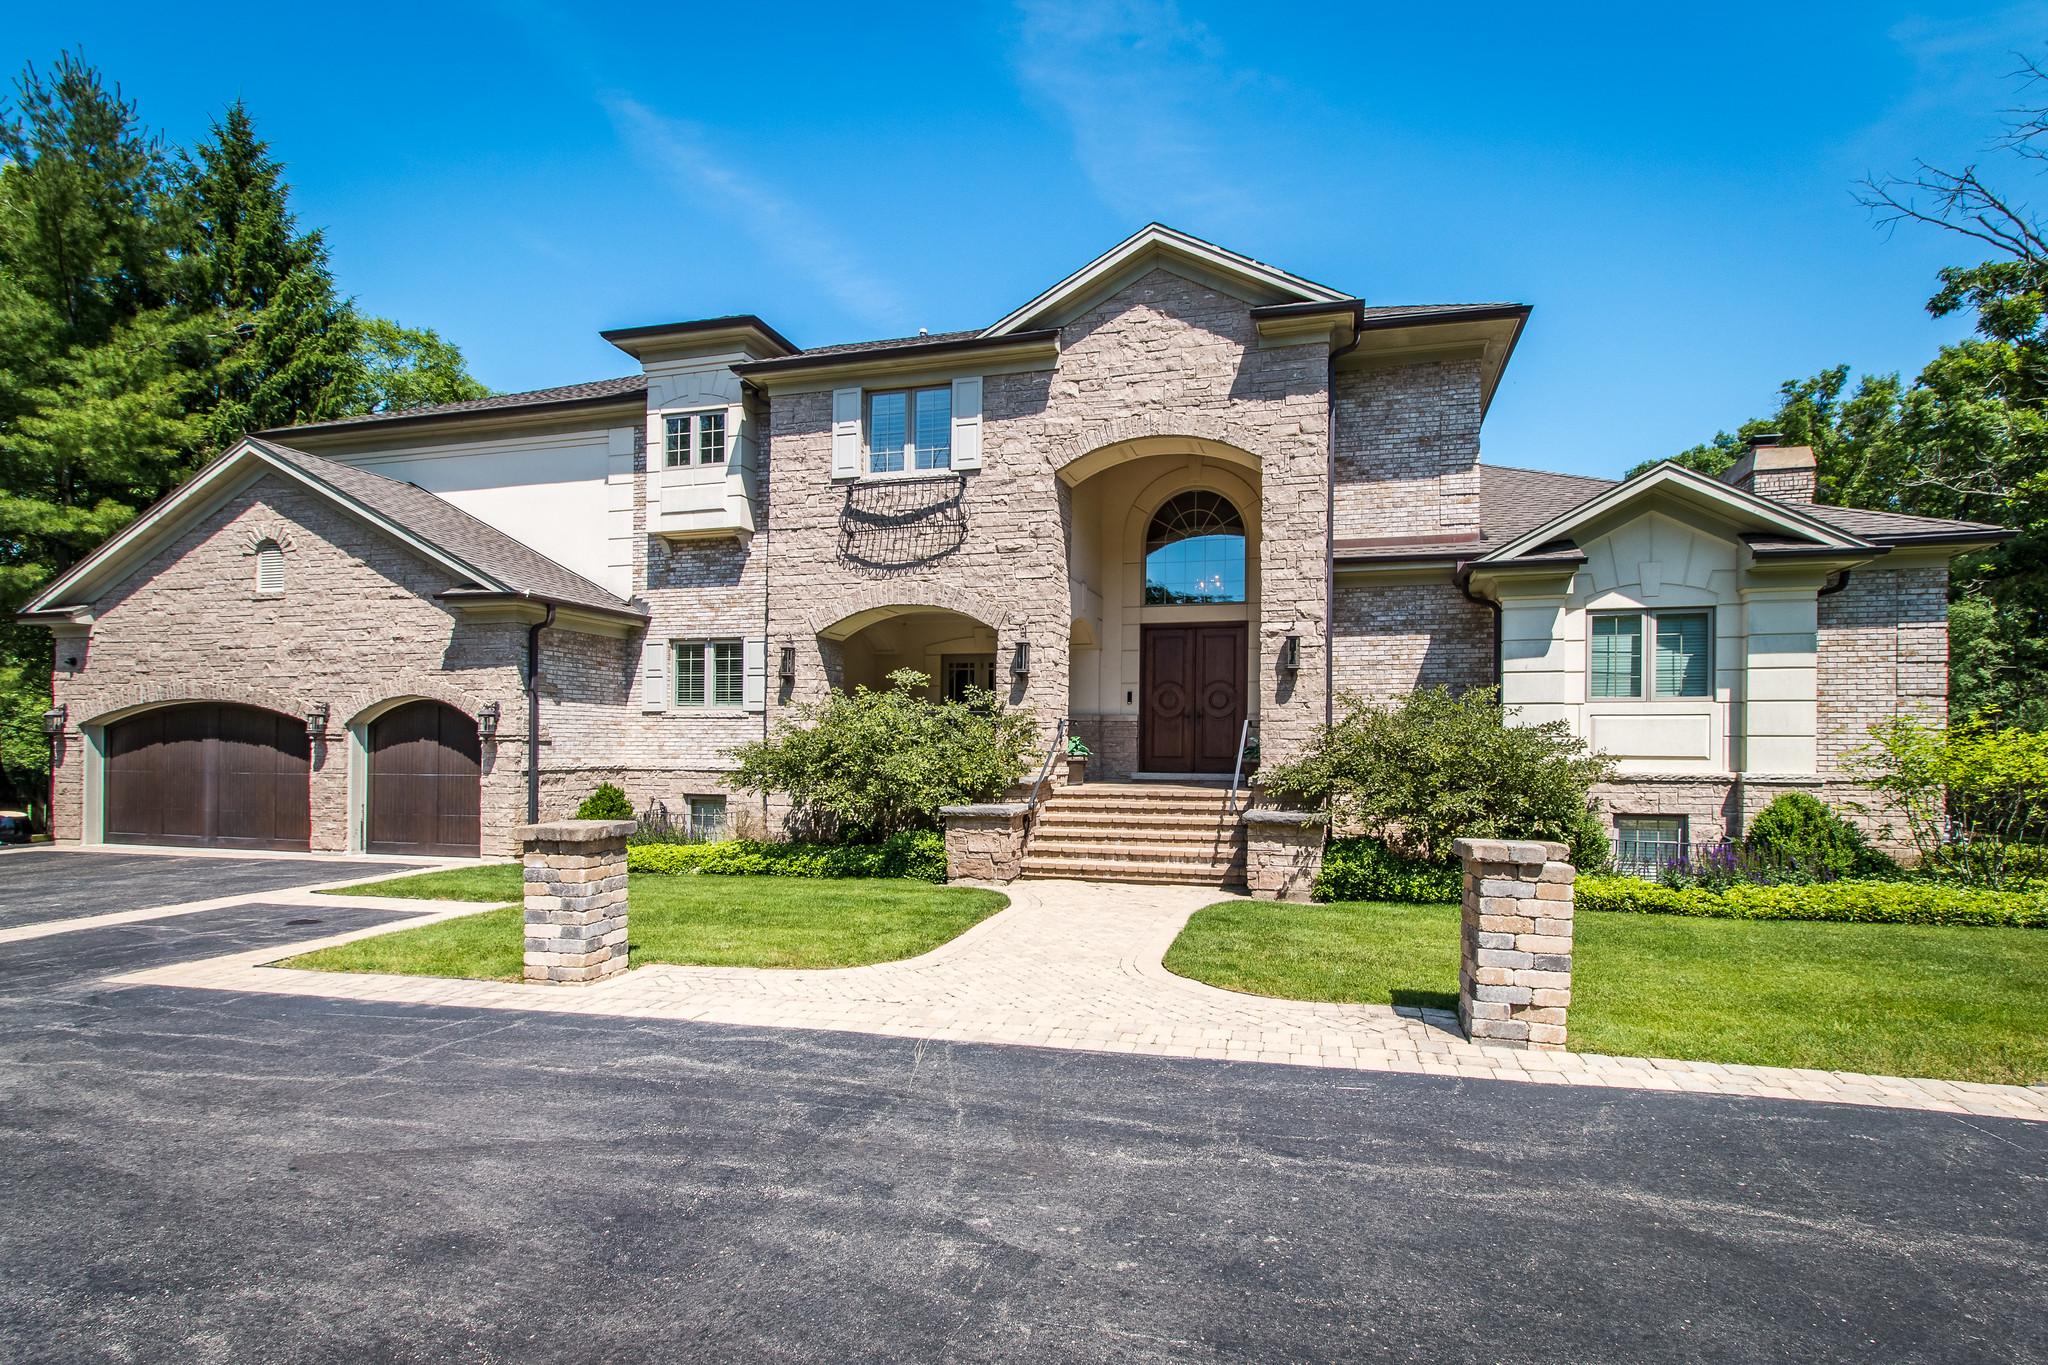 Jackson Twp Homes For Sale